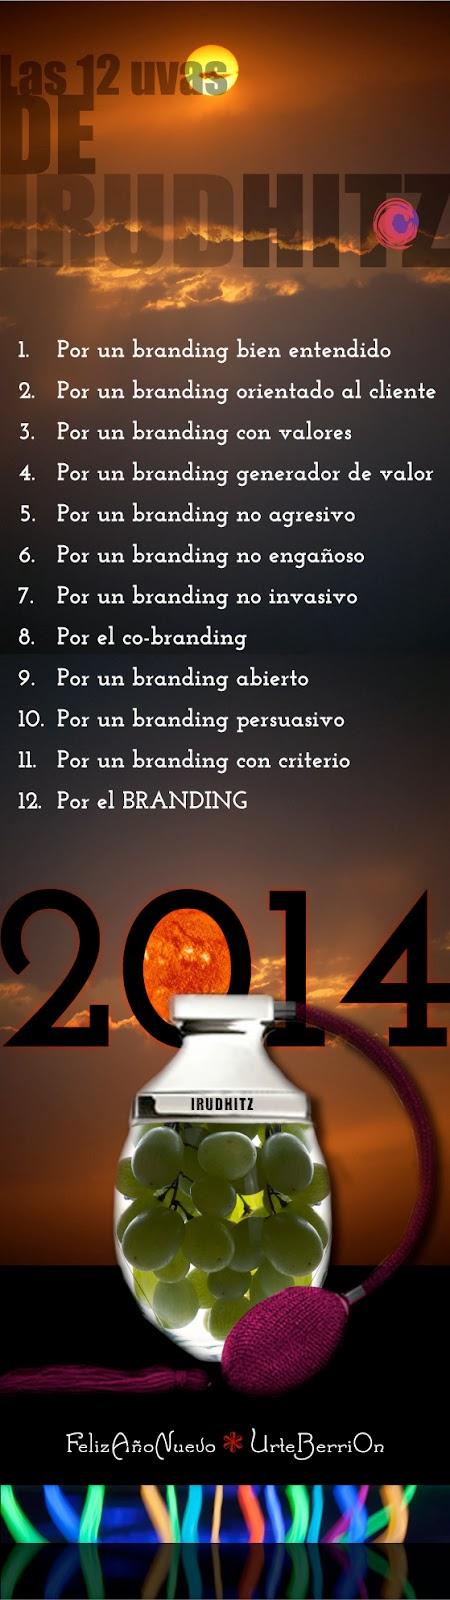 Imagen de las 12 uvas propuestas por Irudhitz para dar la bienvenida al nuevo año (2014). ¡Por el Branding!